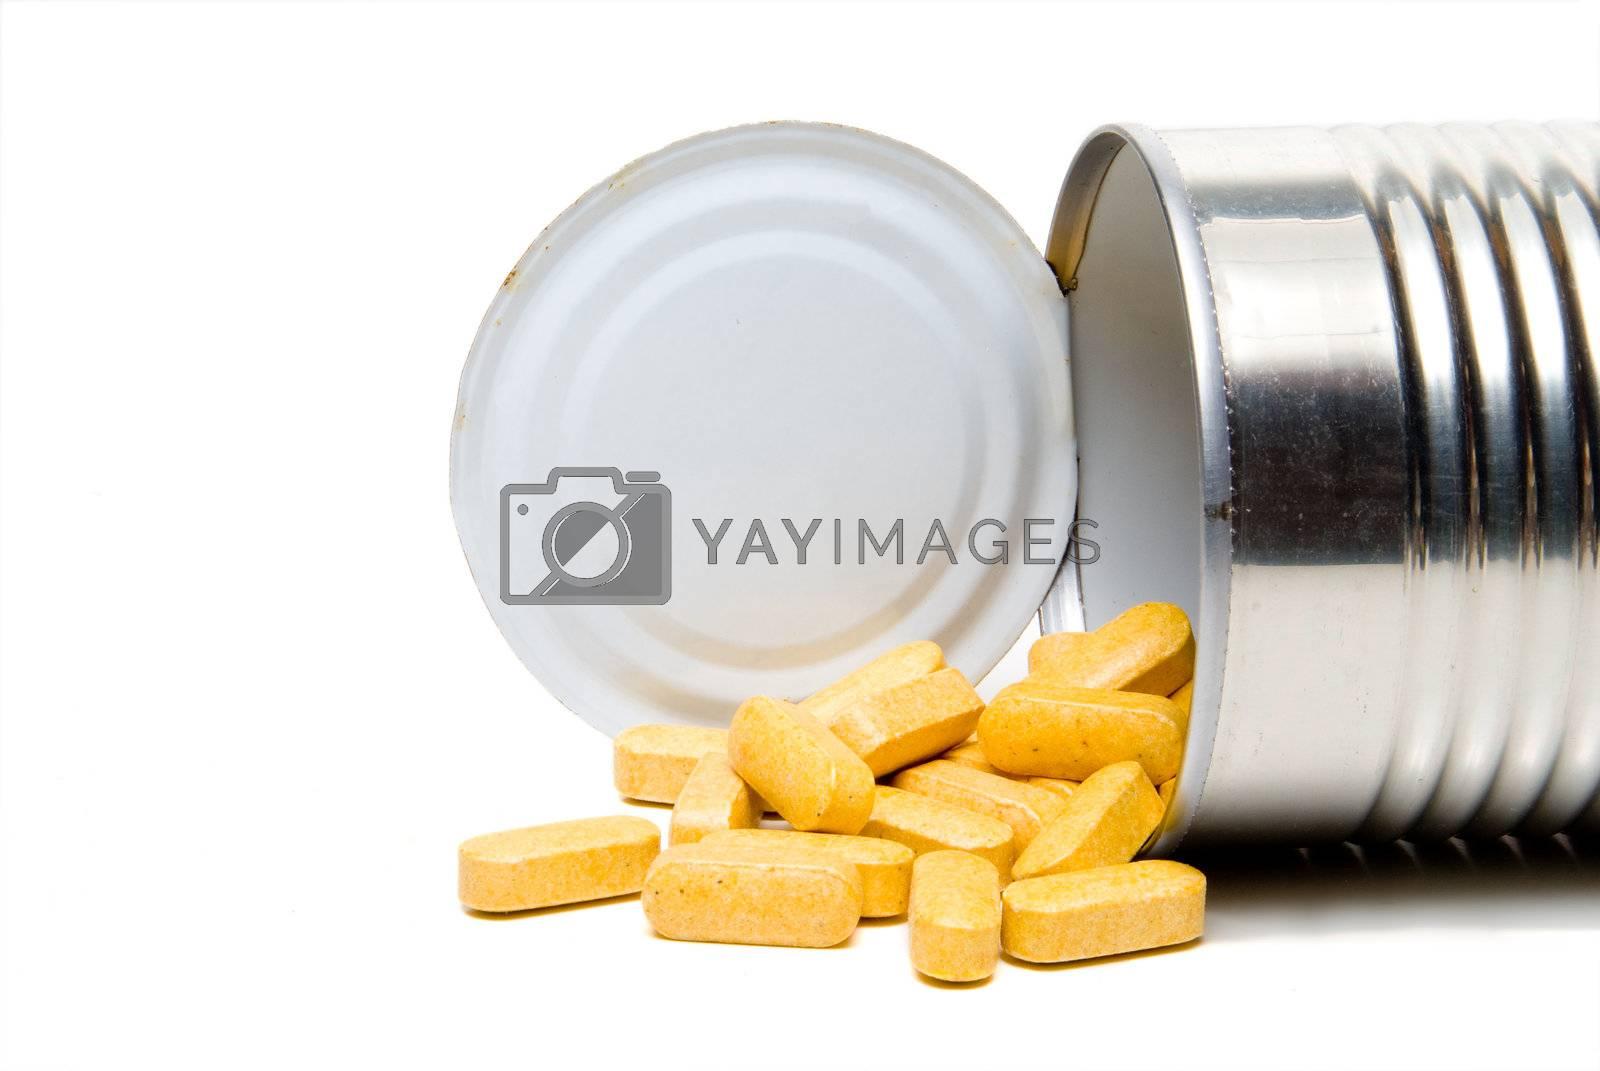 A tin can full of prescription medications.